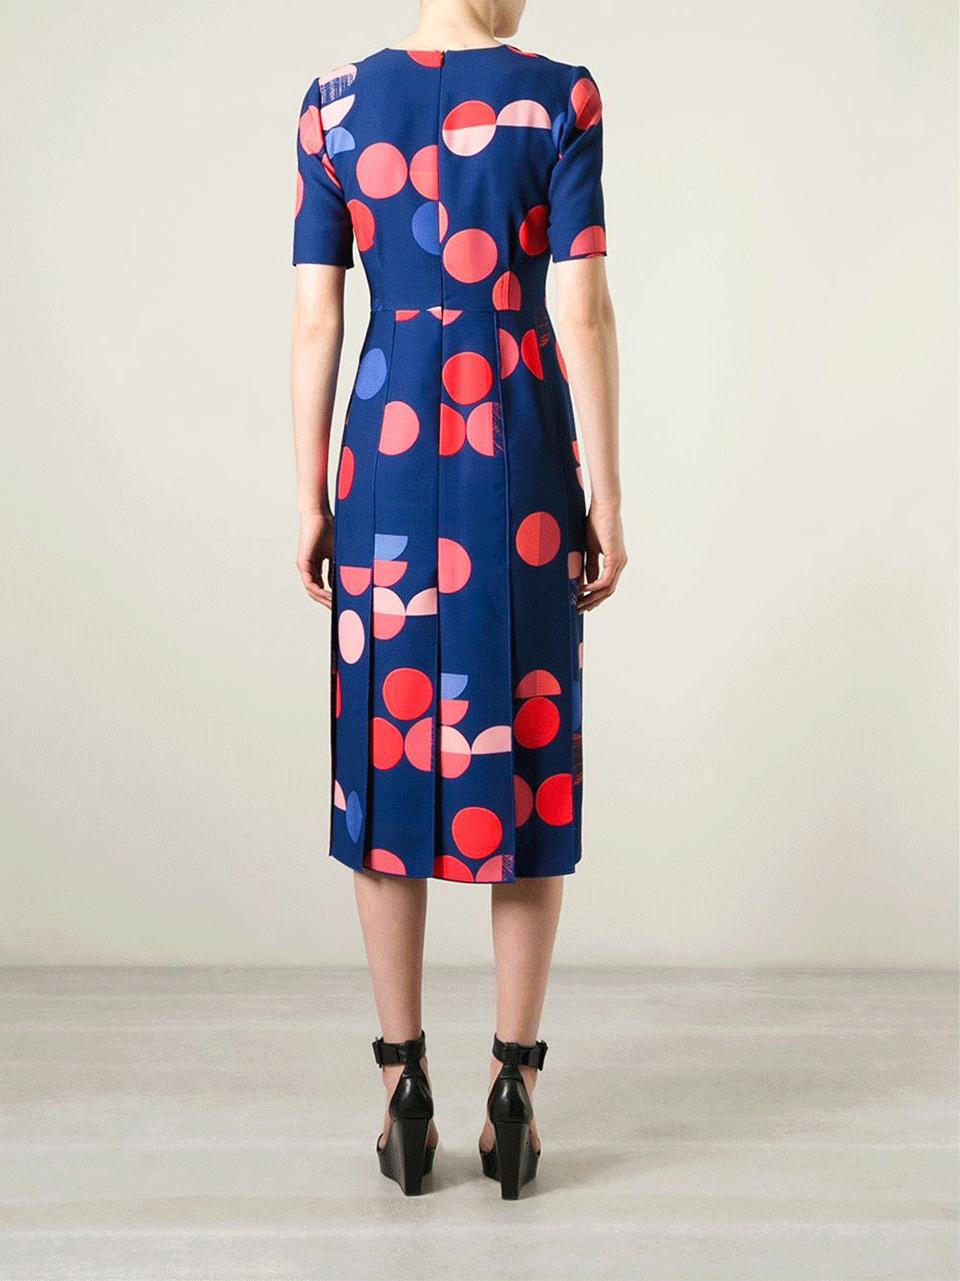 beckham split skirt midi dress in blue